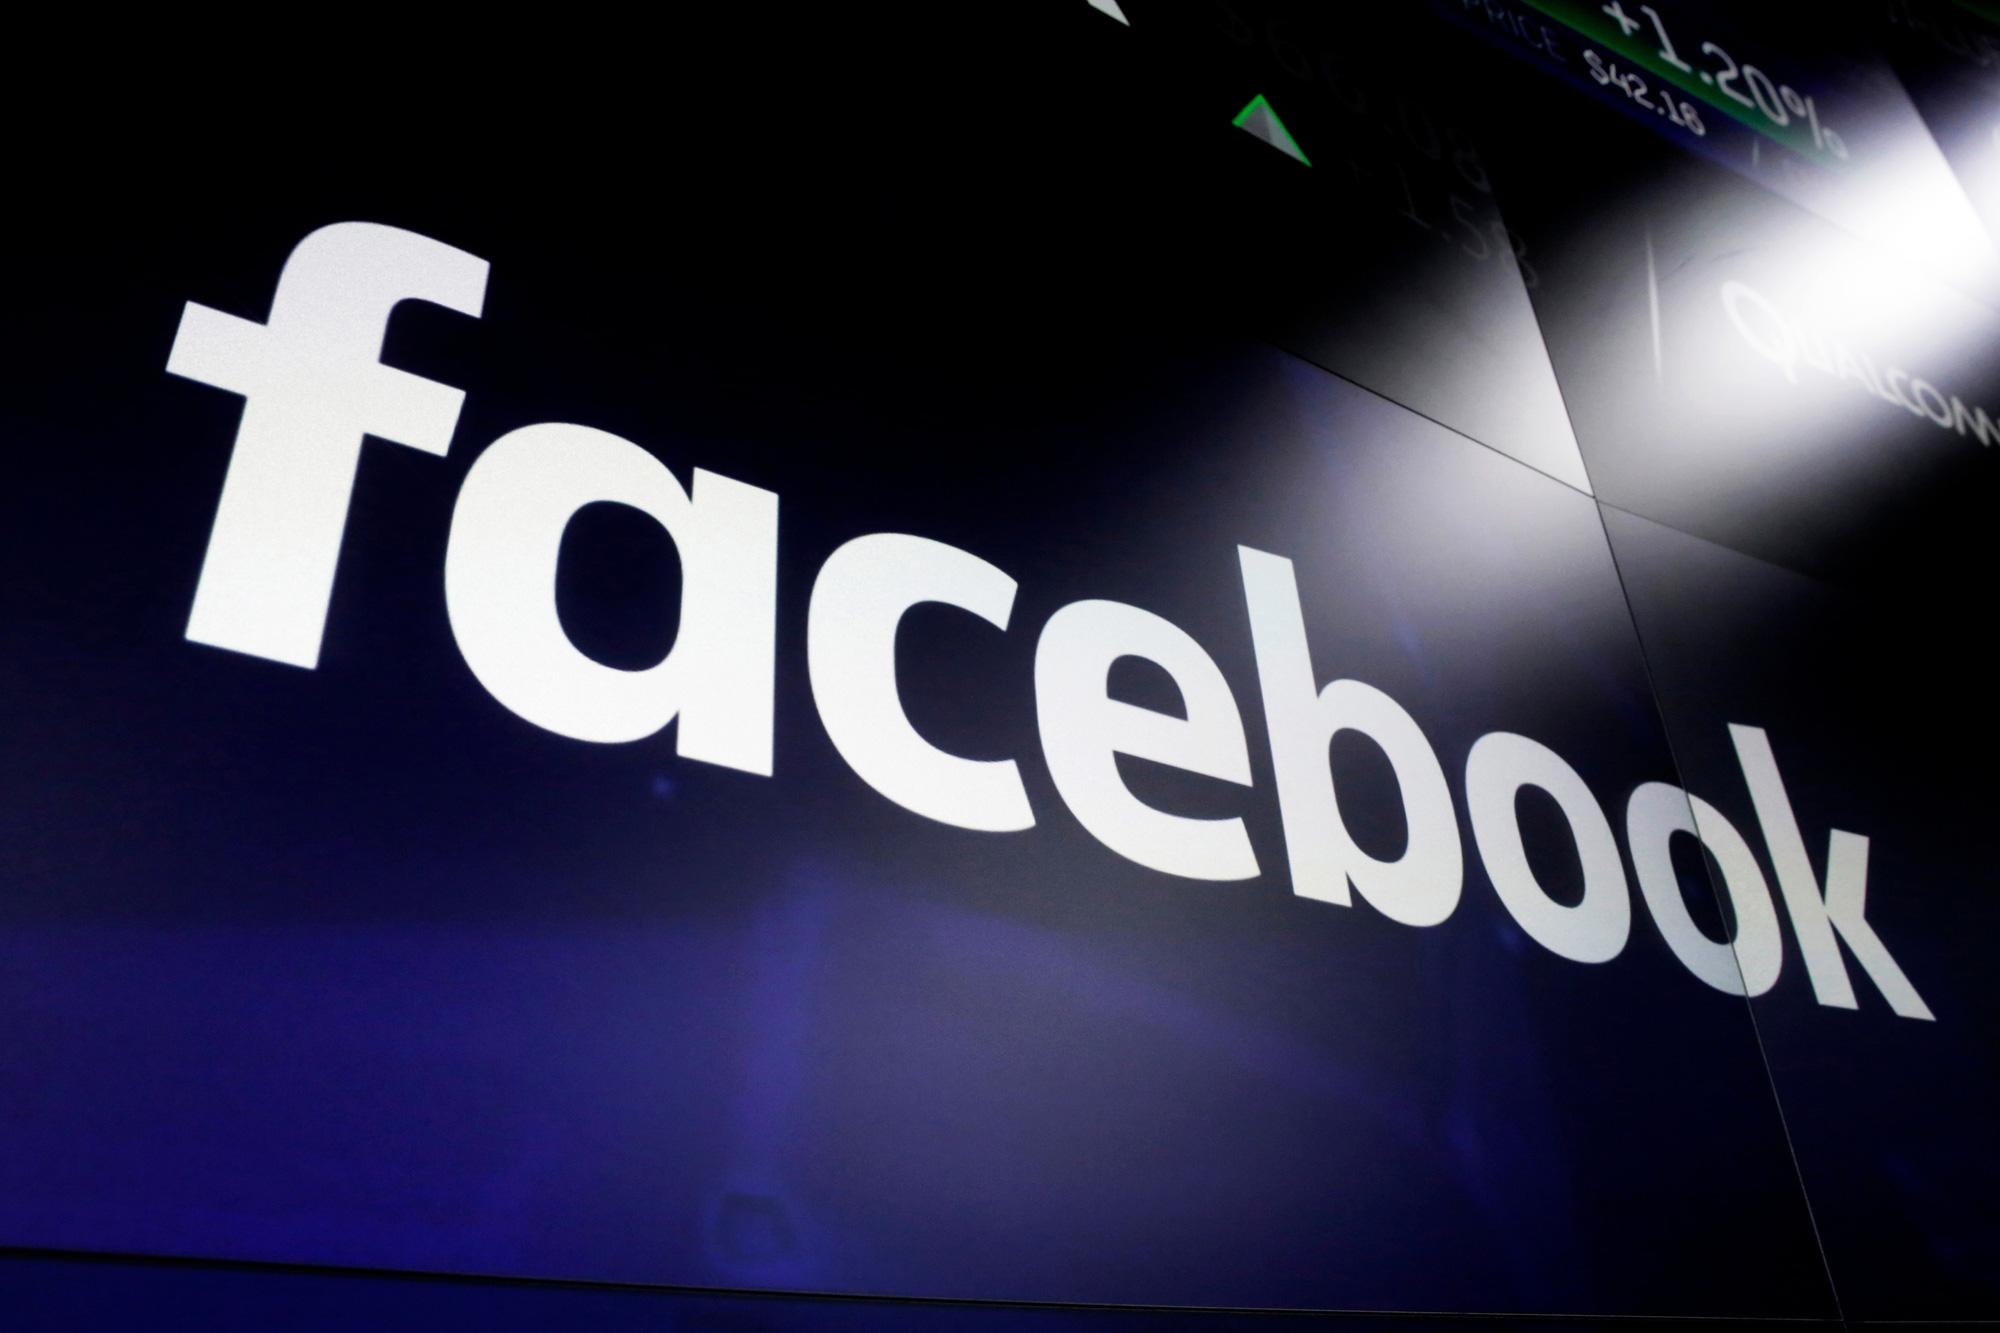 Facebook xử lý mạnh tay với các cá nhân rao bán các mặt hàng liên quan đến virus corona - Ảnh 2.